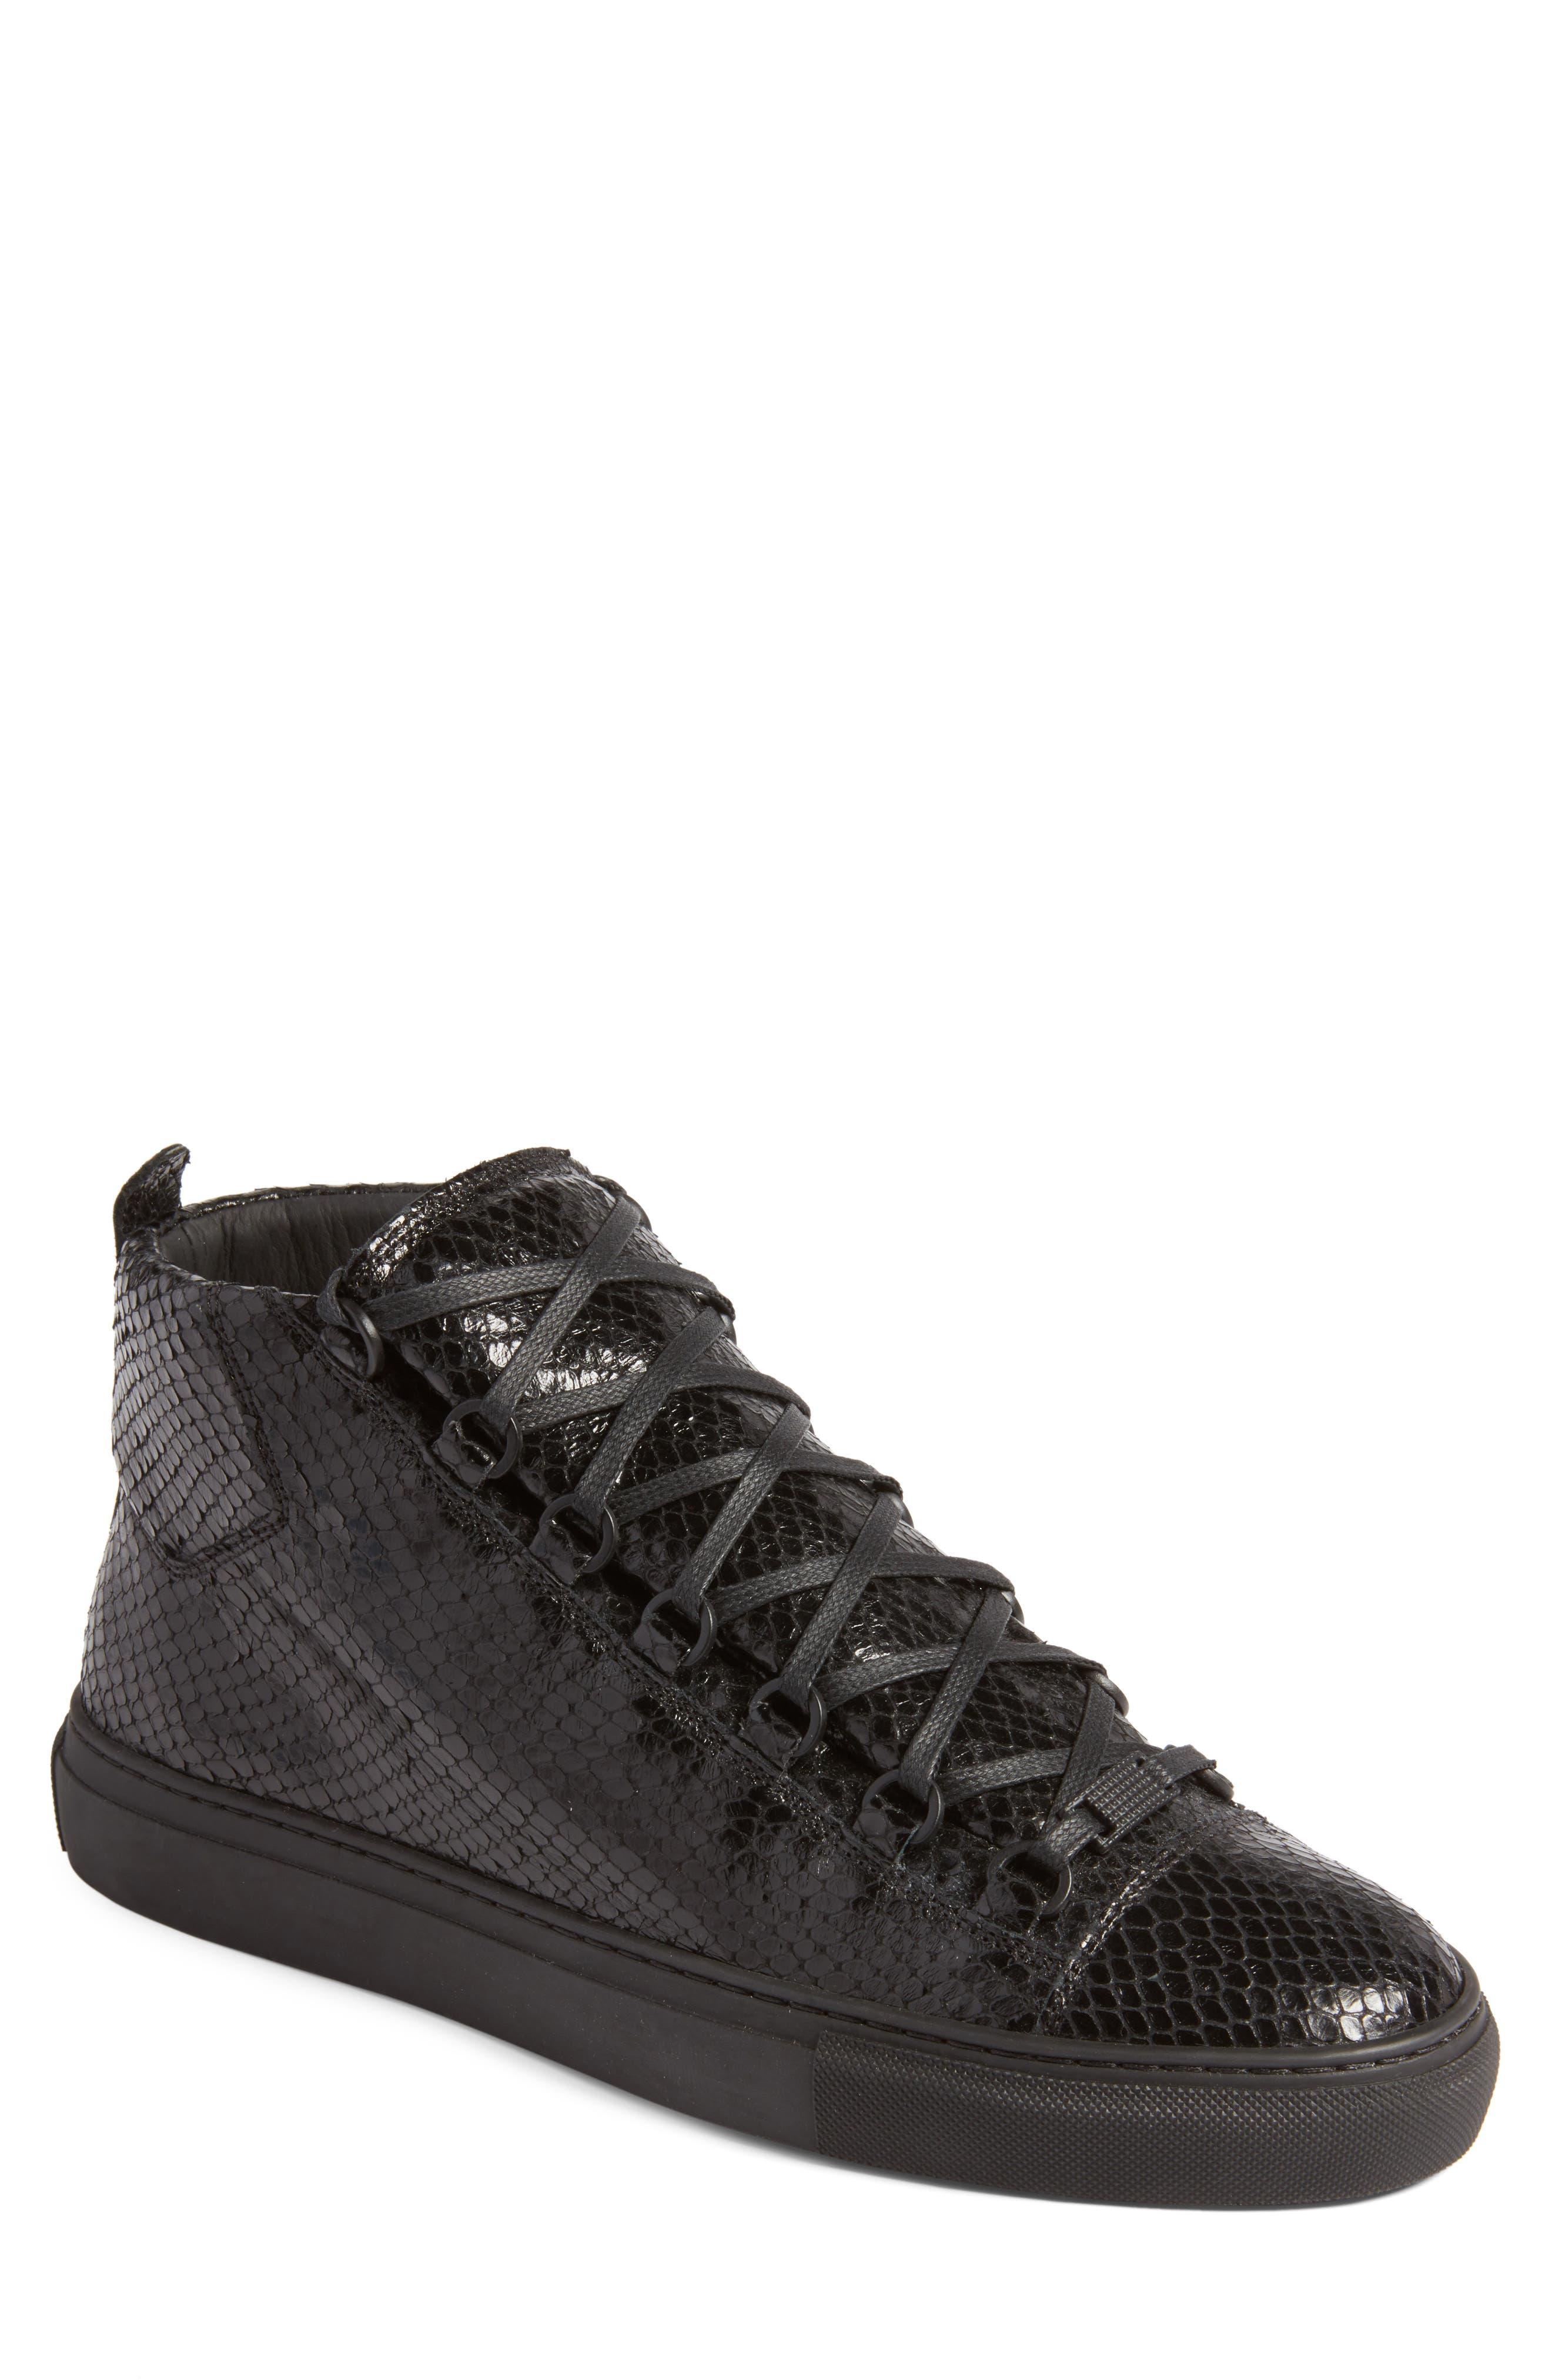 Balenciaga High Top Sneaker (Men)